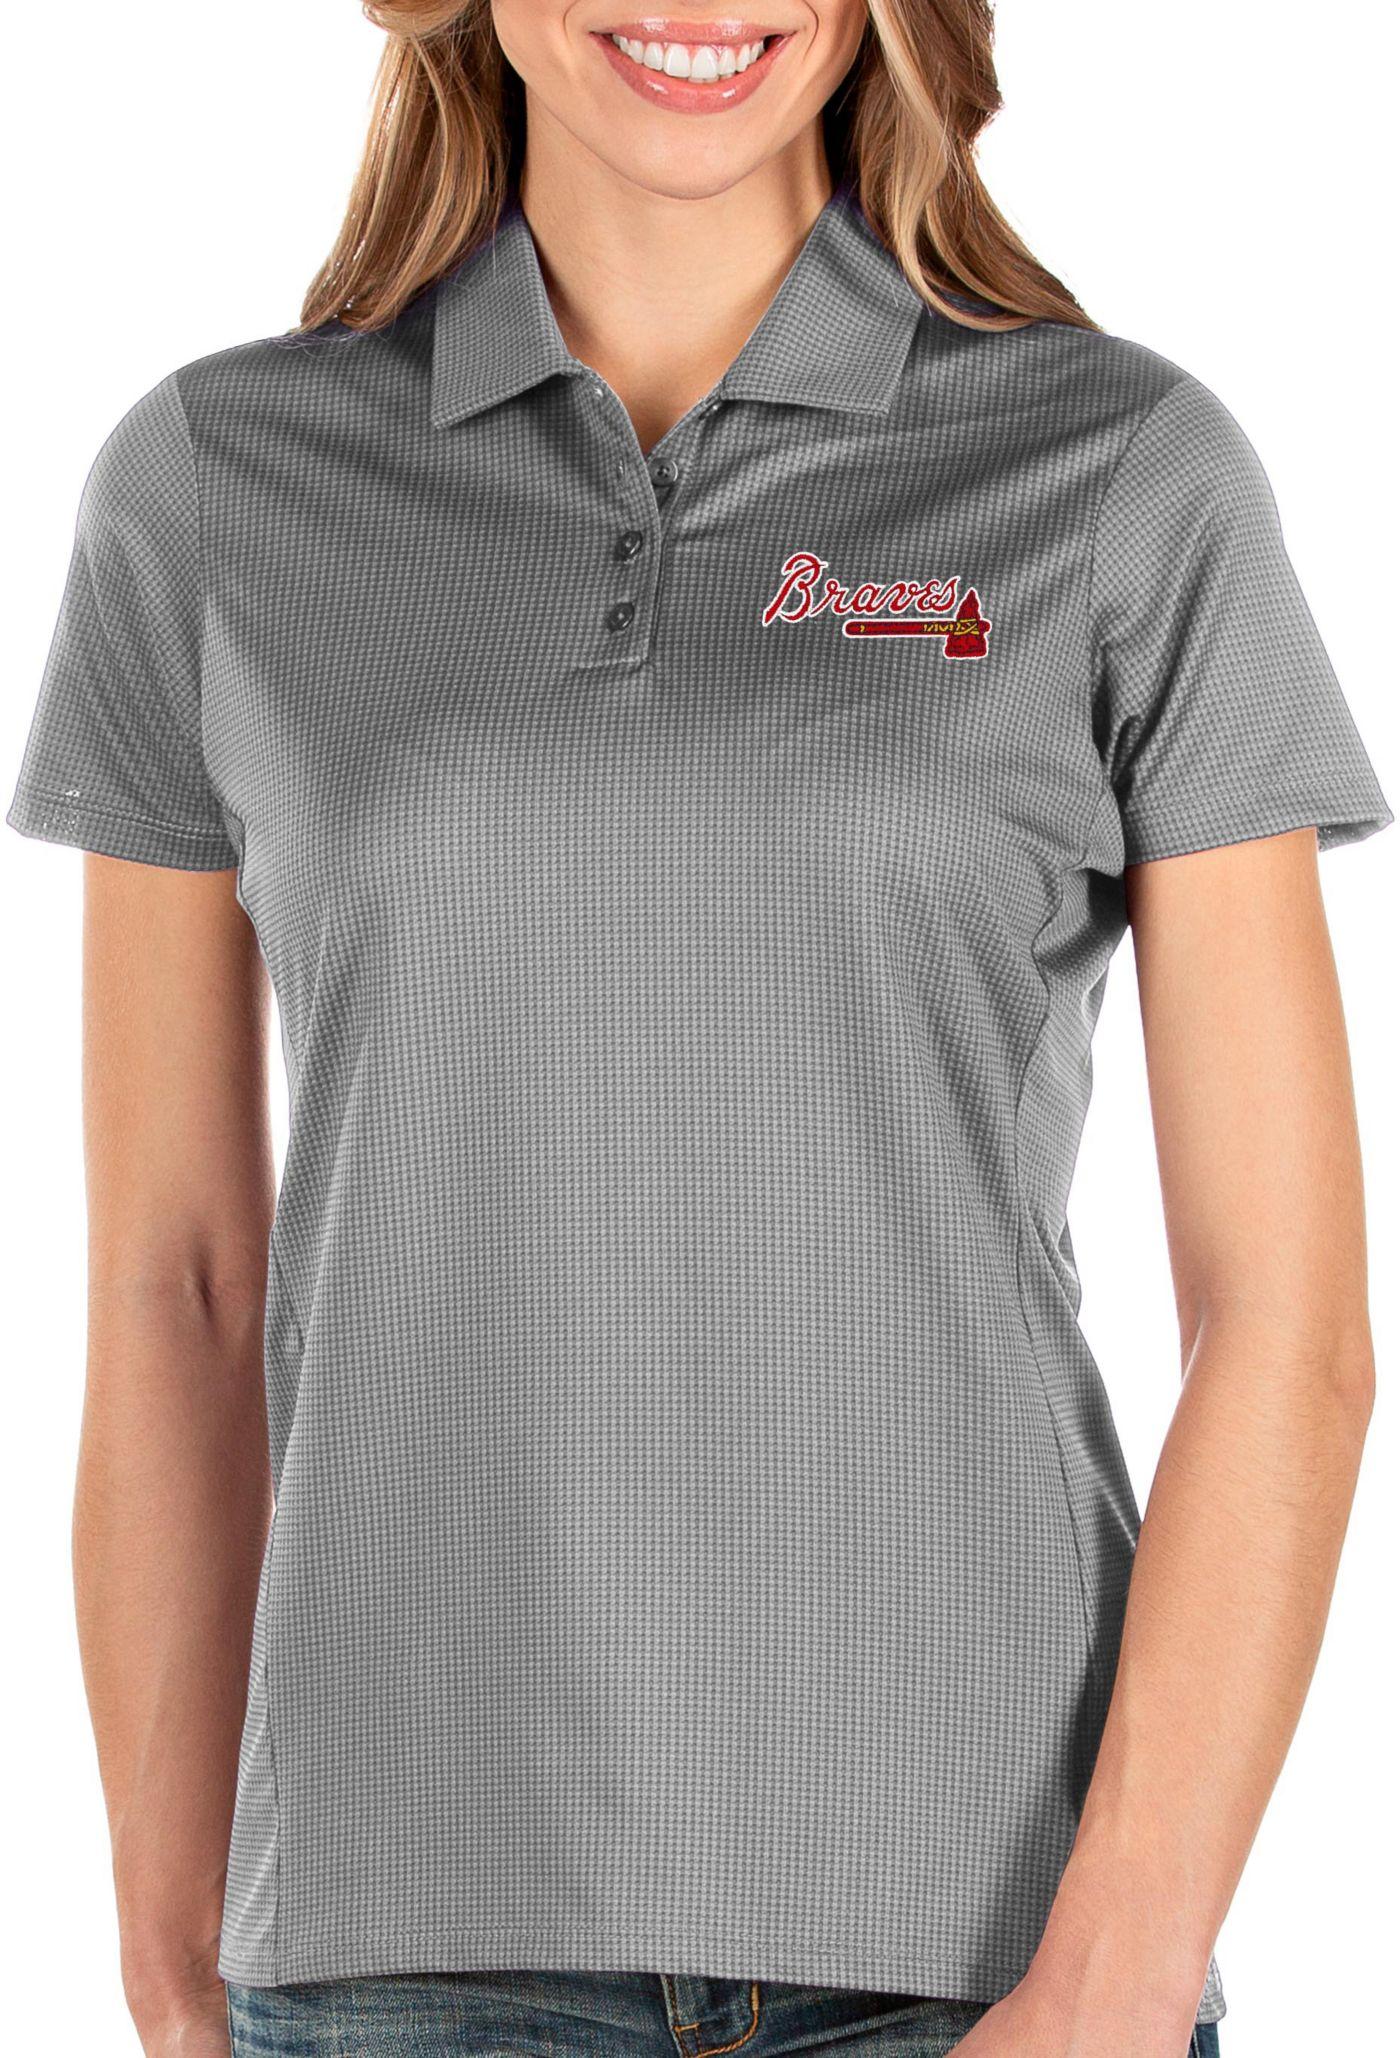 Antigua Women's Atlanta Braves Grey Balance Polo